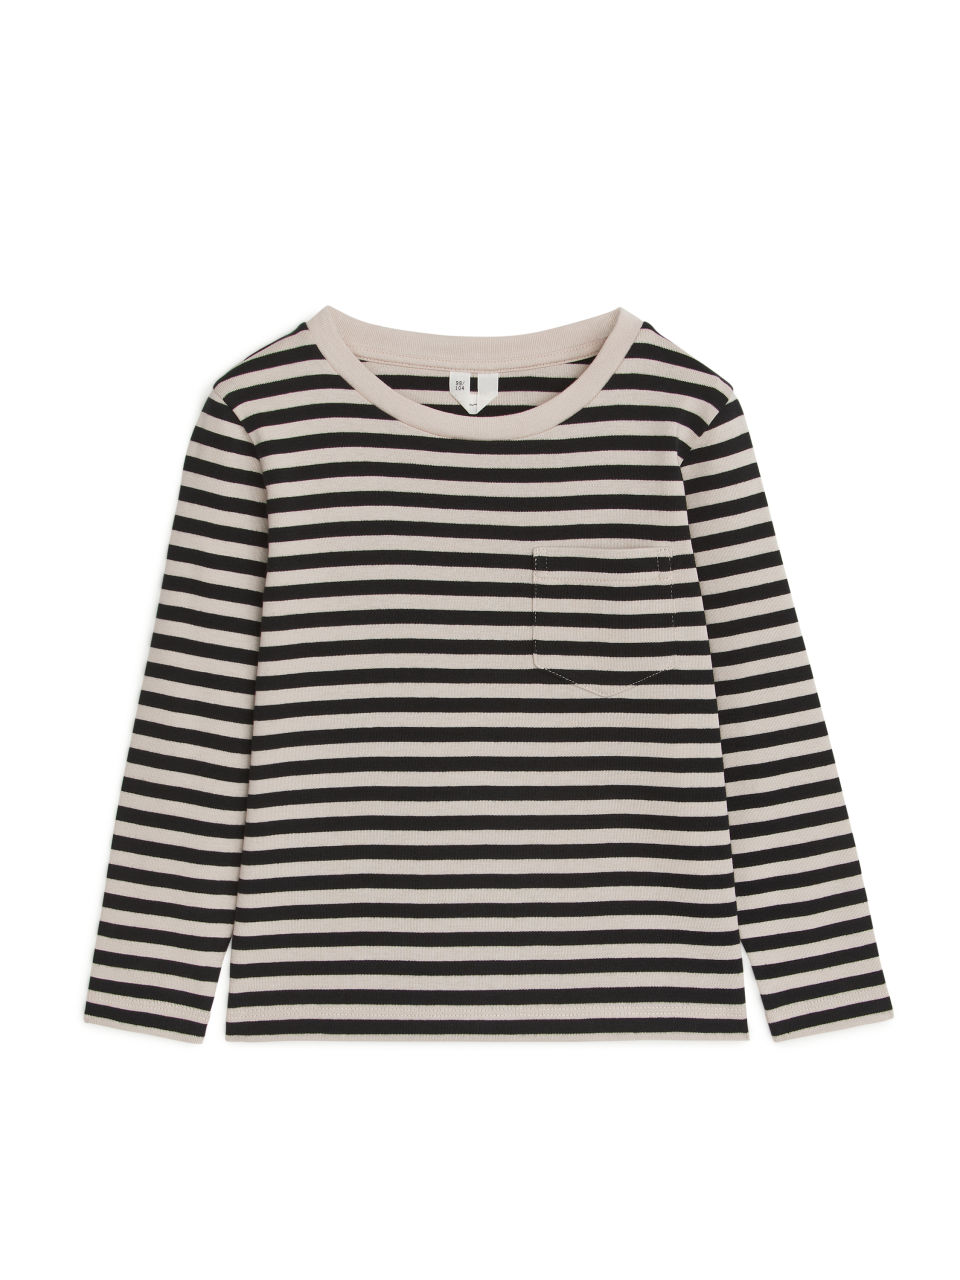 Striped Long Sleeve - Beige